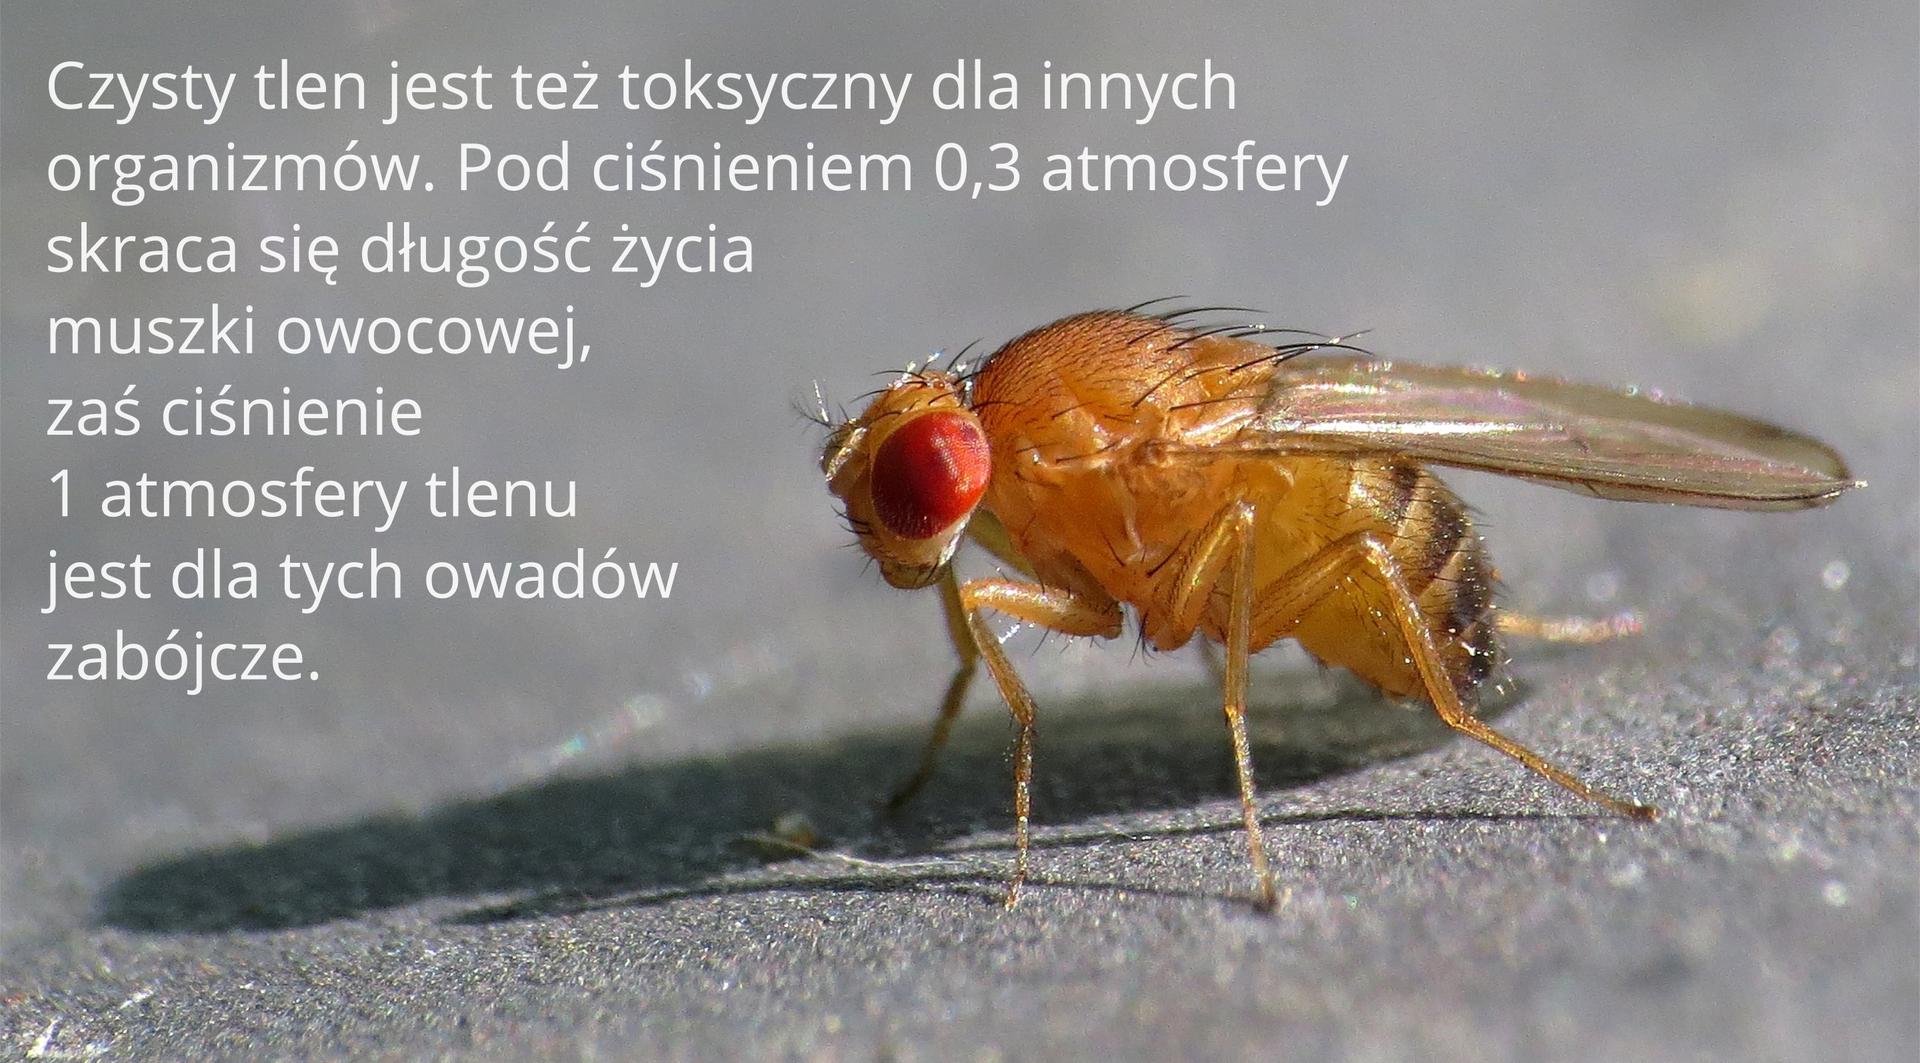 Czwarty kadr galerii. Ilustracja przedstawia makrofotograficzne zdjęcie muszki owocowej siedzącej na popielatym podłożu. Napis obok głosi: Czysty tlen jest też toksyczny dla innych organizmów. Pod ciśnieniem 0,3 atmosfery skraca długość życia muszki owocowej, zaś ciśnienie jednej atmosfery tlenu jest dla tych owadów zabójcze.